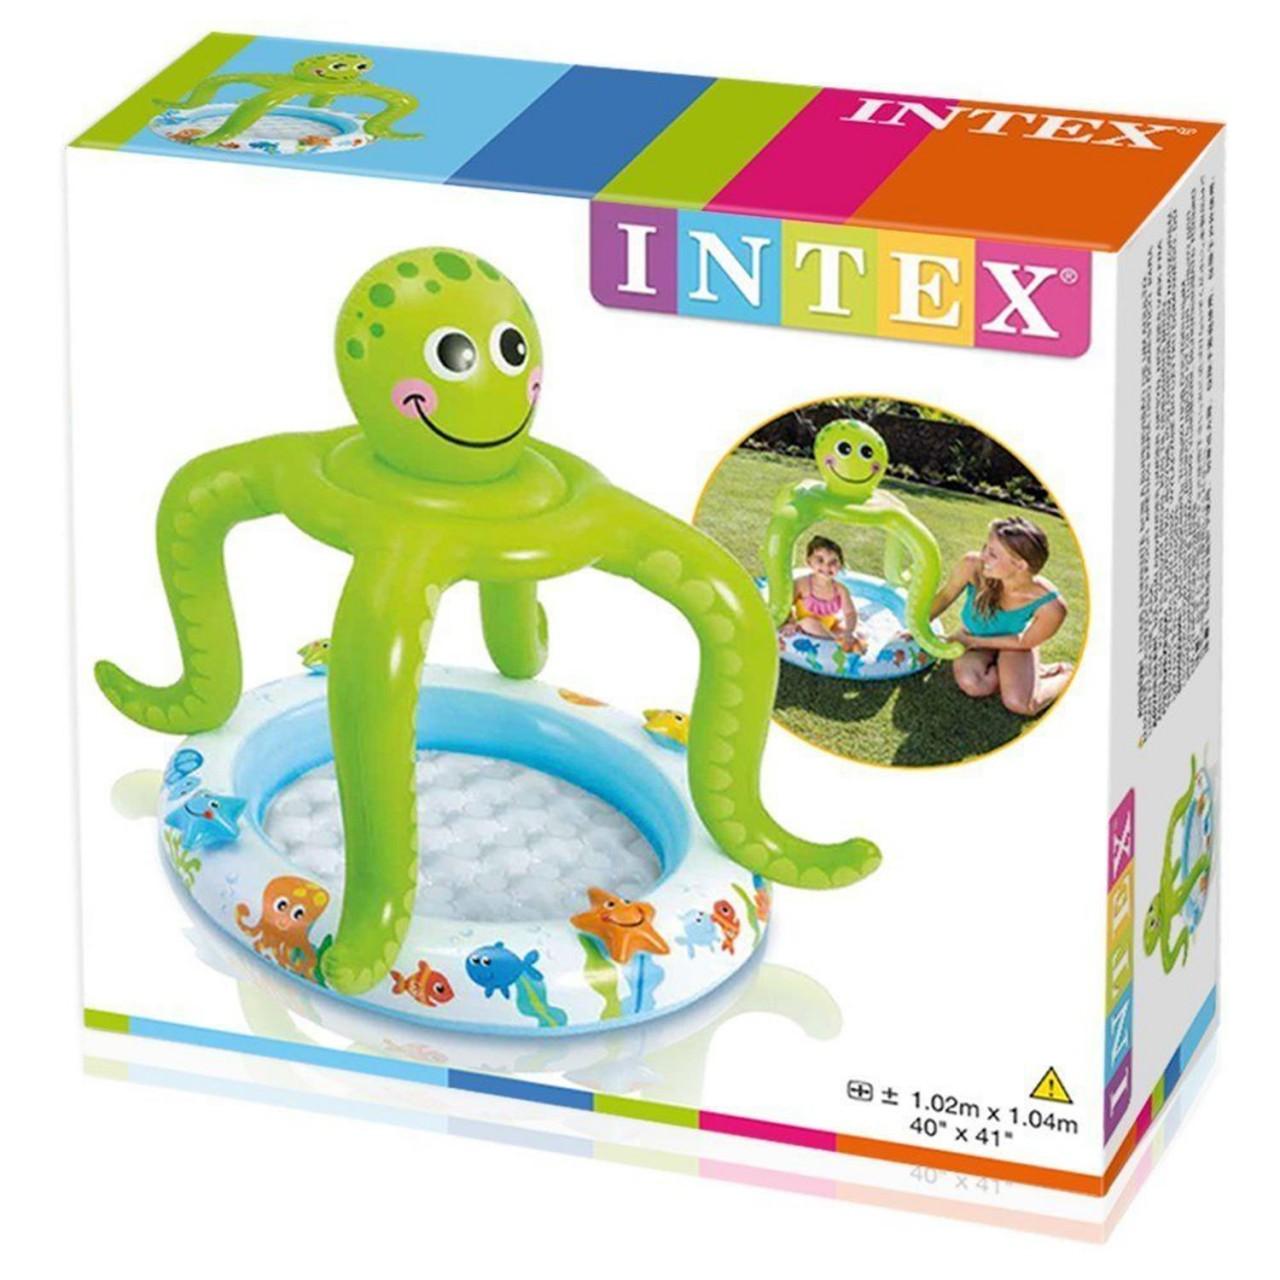 Intex Kinderpool Krake mit Sonnenschutz Planschbecken mit weichem Boden 57115